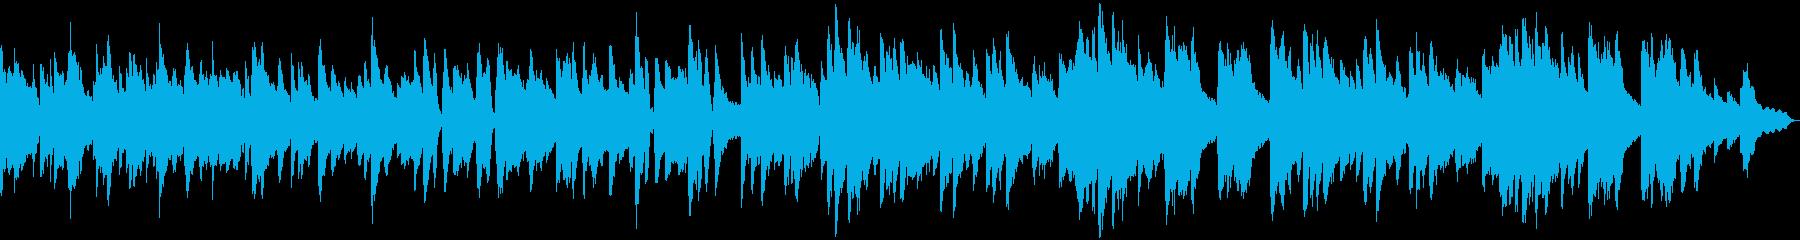 サビが感動的なピアノソロ・バラードの再生済みの波形